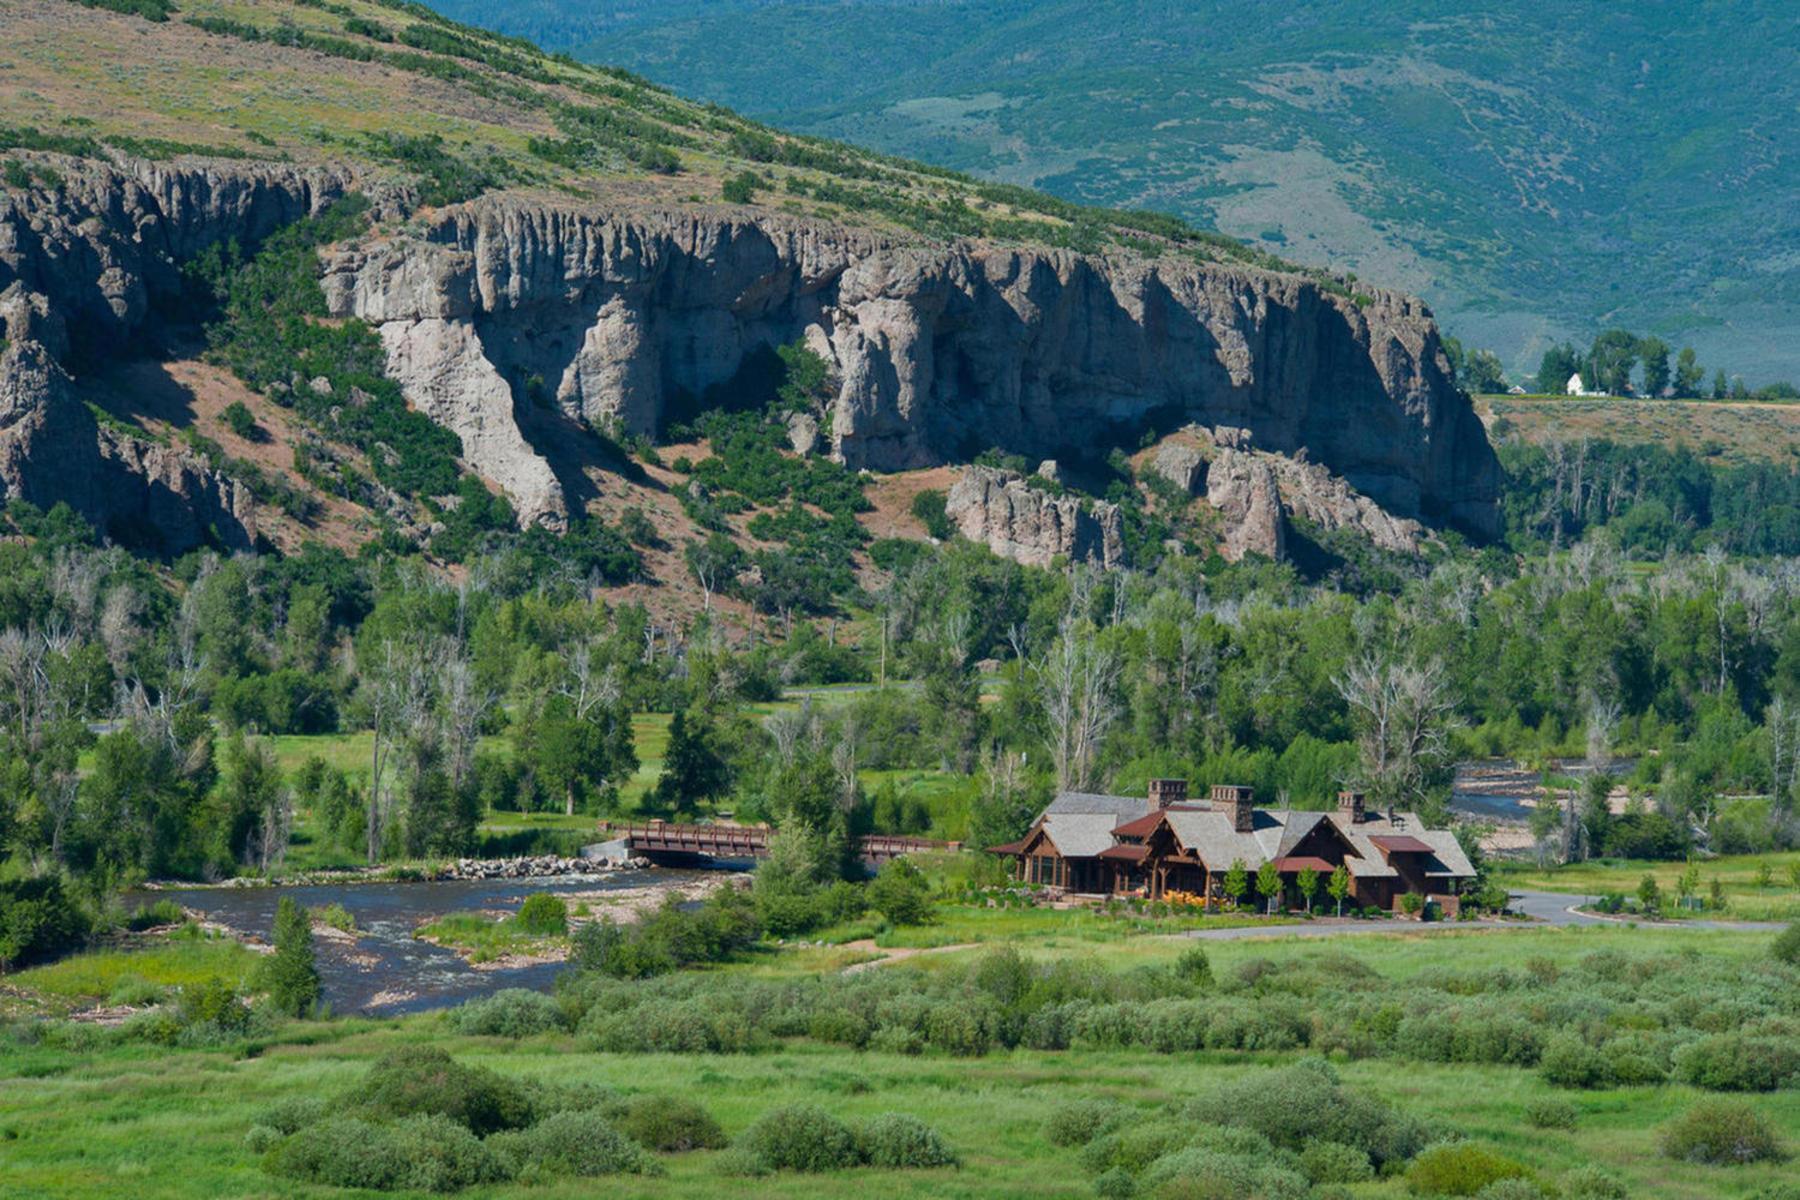 Terreno para Venda às Beautiful Victory Ranch Home Site! 7271 E Half Moon Ct Lot 197 Heber City, Utah 84032 Estados Unidos